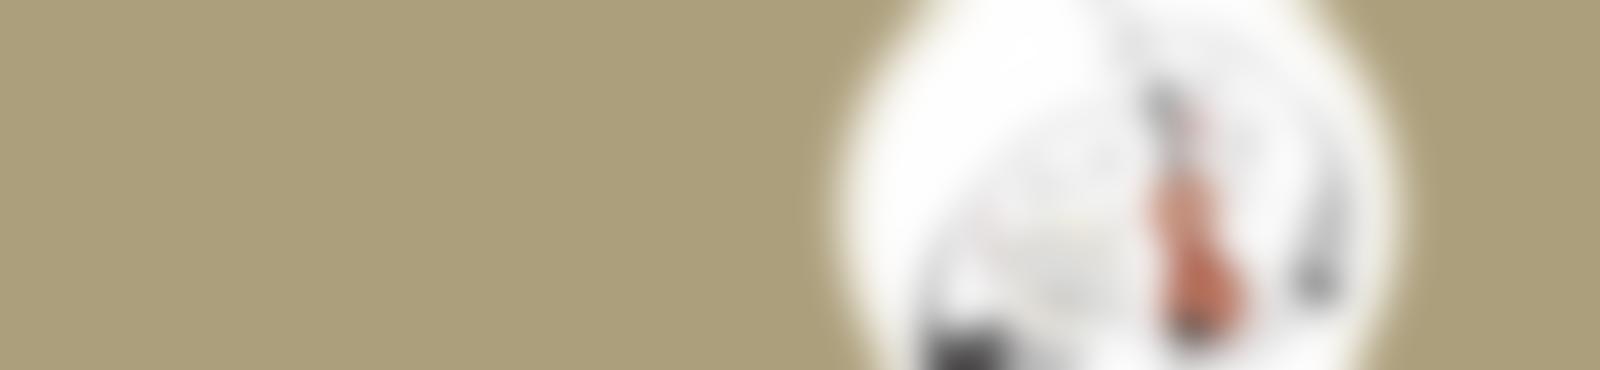 Blurred 1637f4a4 bc7e 42d9 9585 8226ccca7910